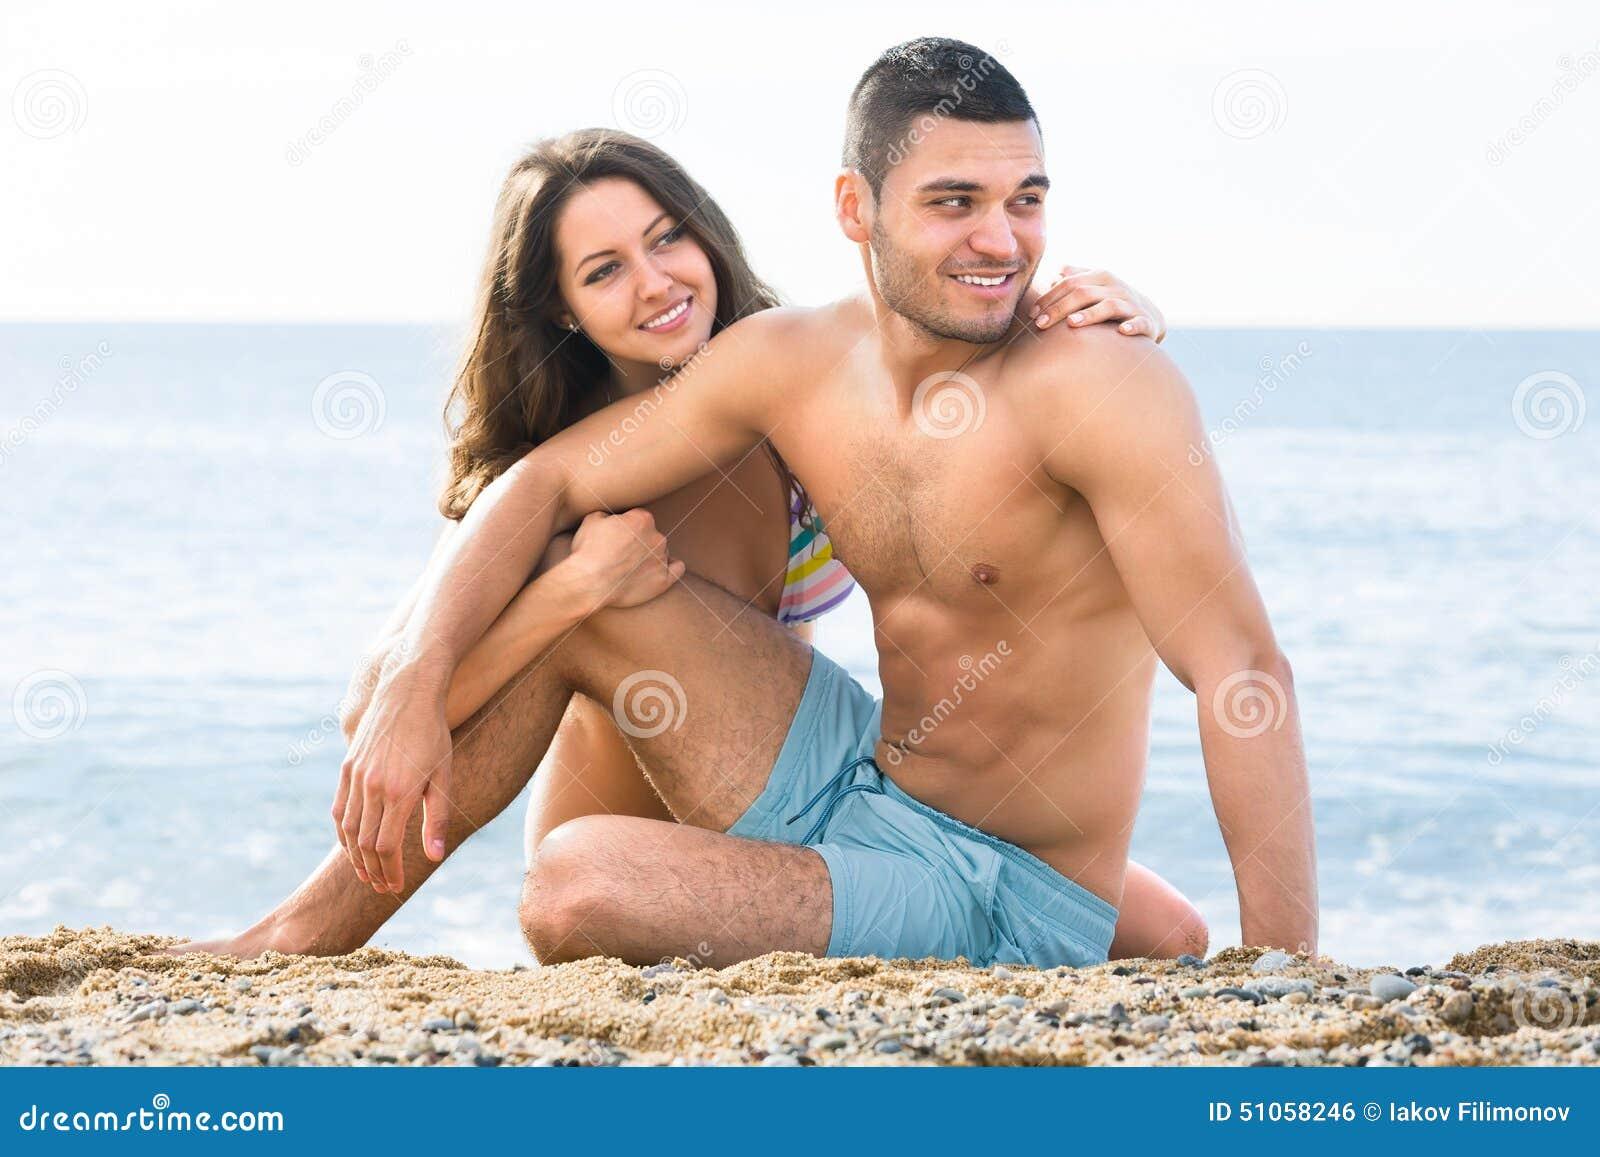 flirt dating website Hørsholm